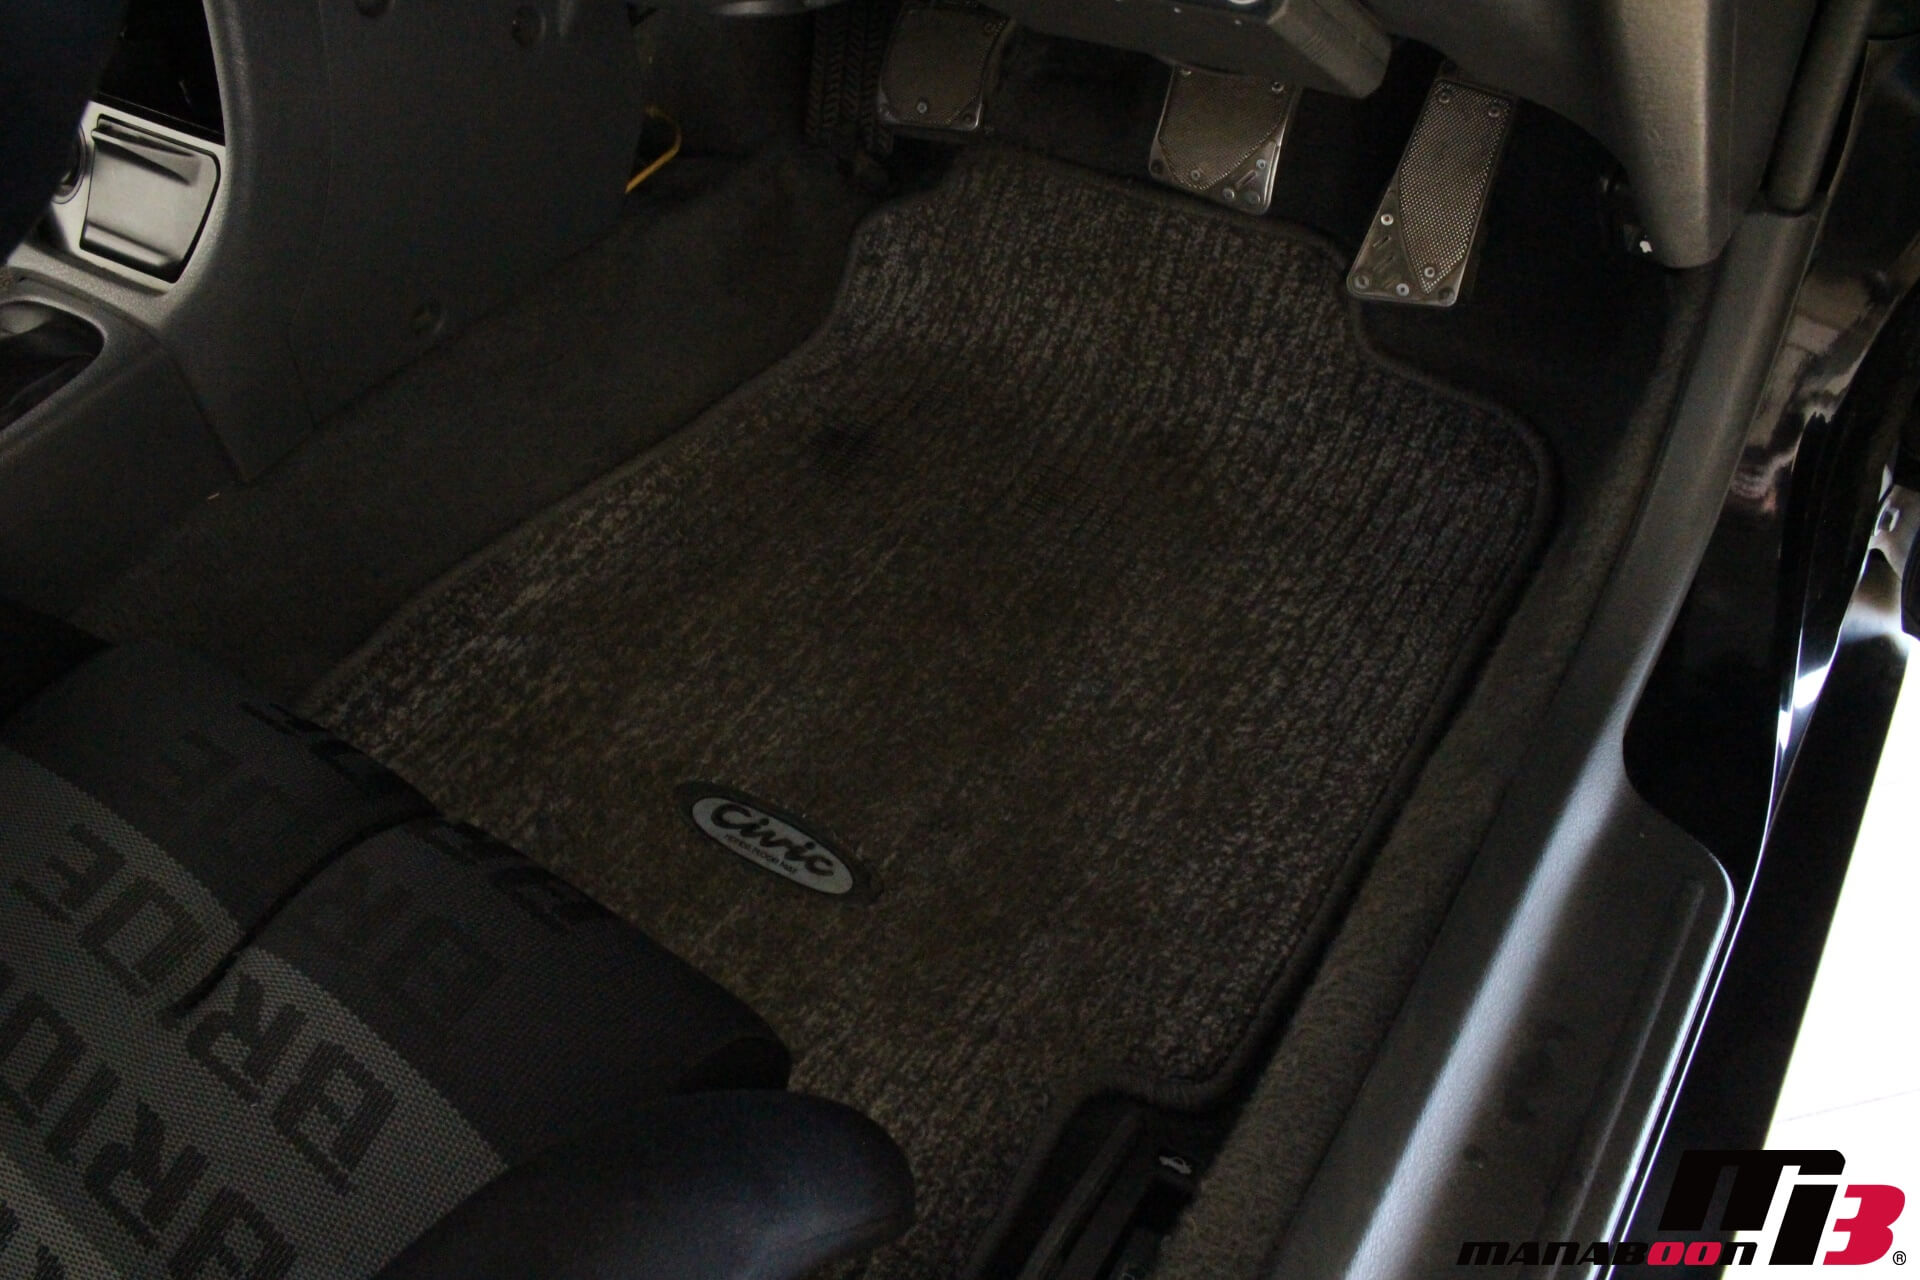 シビックEG6 運転席マット画像